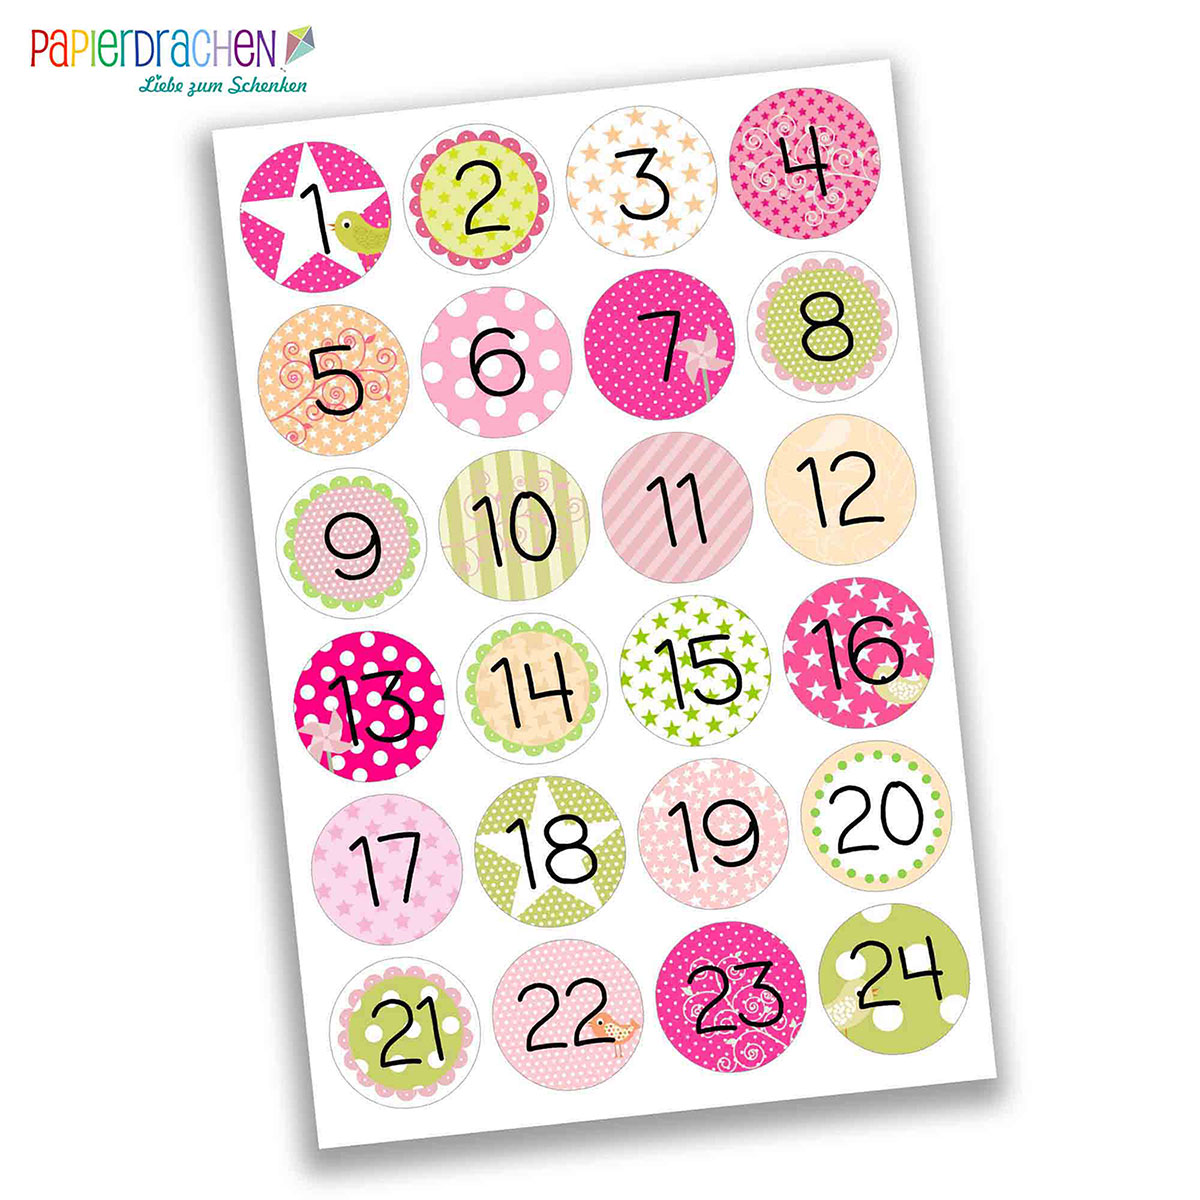 24 adventskalender zahlen aufkleber rosa gr n f r. Black Bedroom Furniture Sets. Home Design Ideas